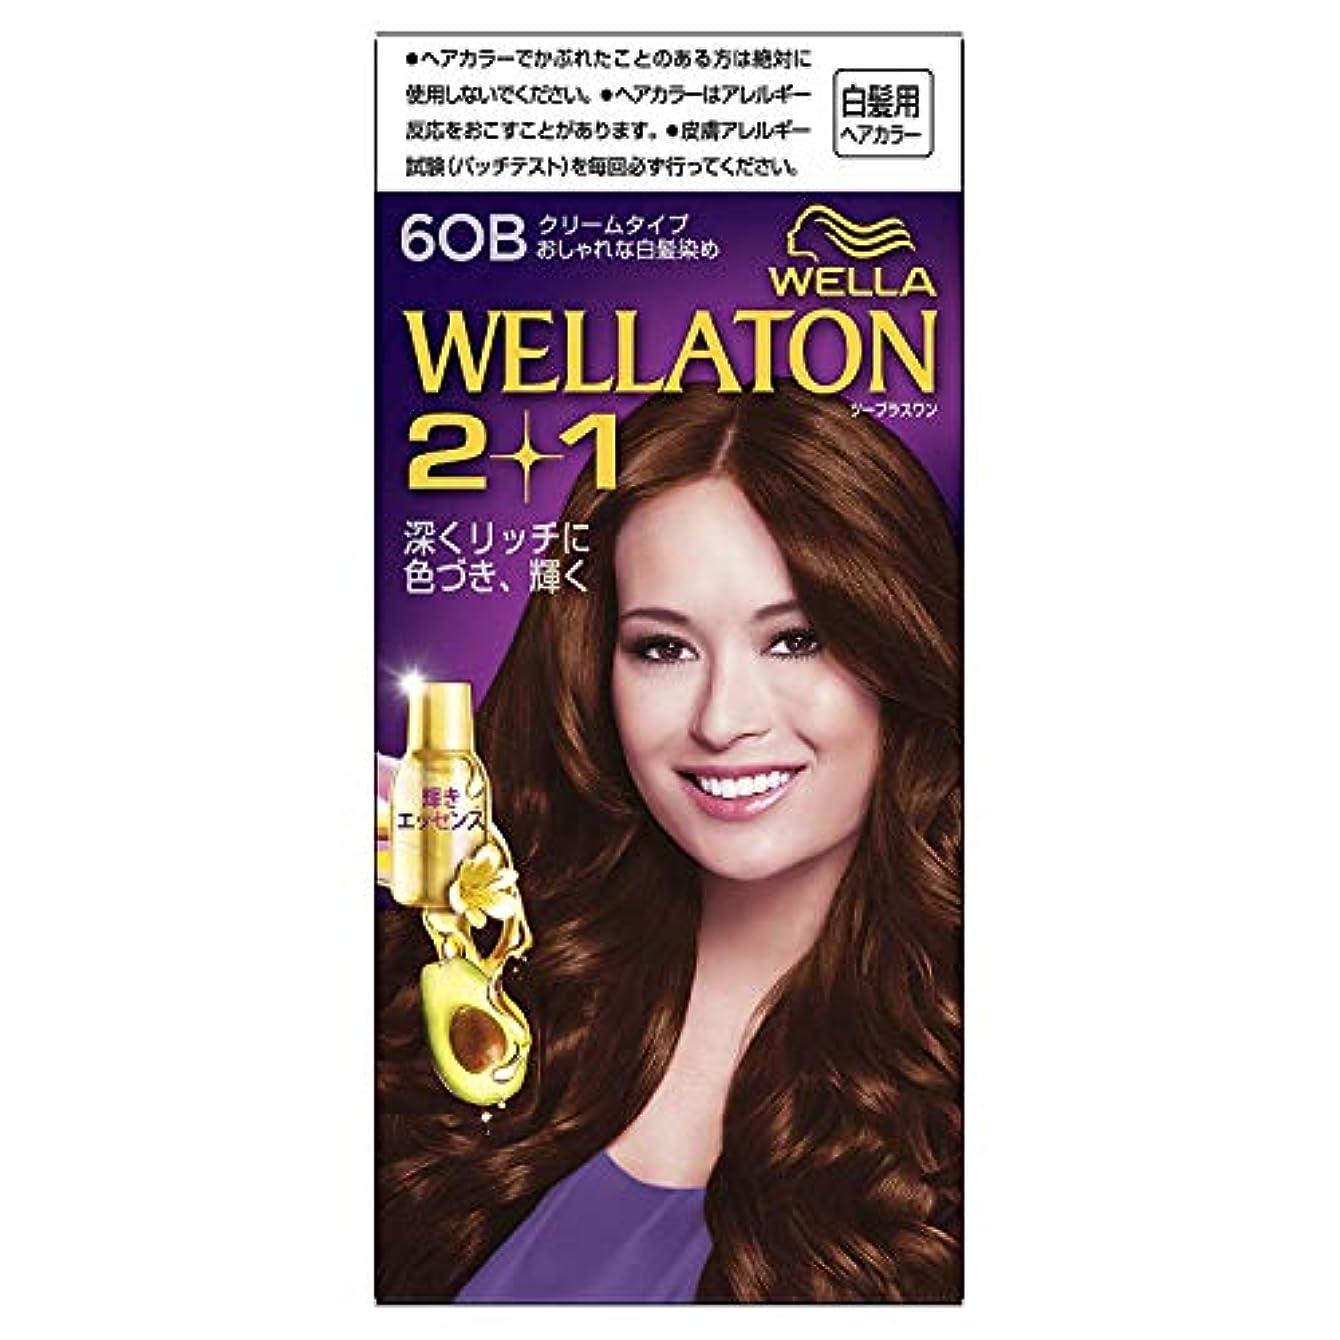 減らす一貫性のない傑出したウエラトーン2+1 白髪染め クリームタイプ 6OB [医薬部外品]×6個